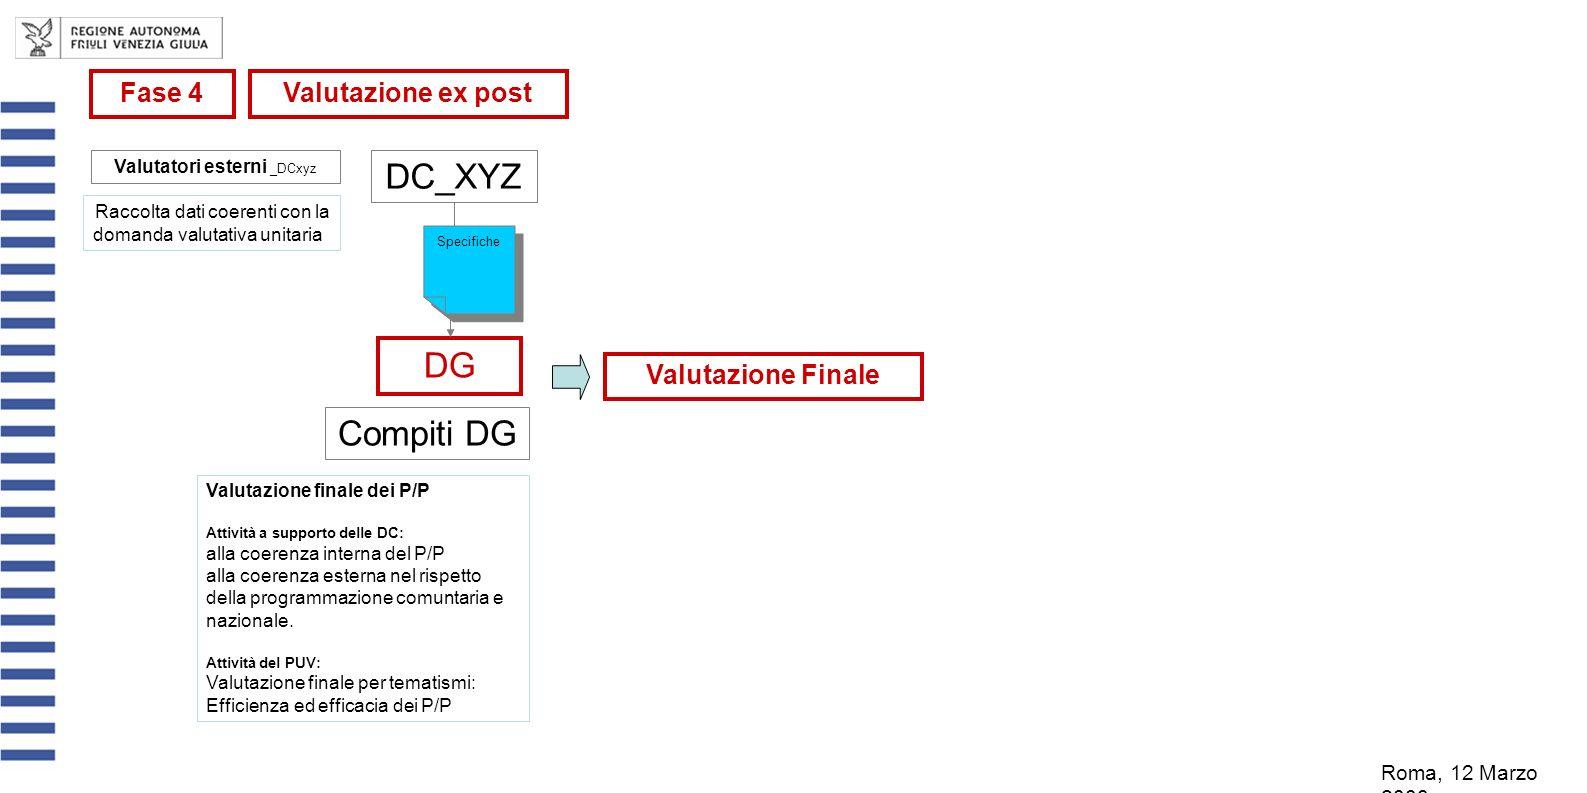 Compiti DG DC_XYZ DG Specifiche Valutazione finale dei P/P Attività a supporto delle DC: alla coerenza interna del P/P alla coerenza esterna nel rispetto della programmazione comuntaria e nazionale.